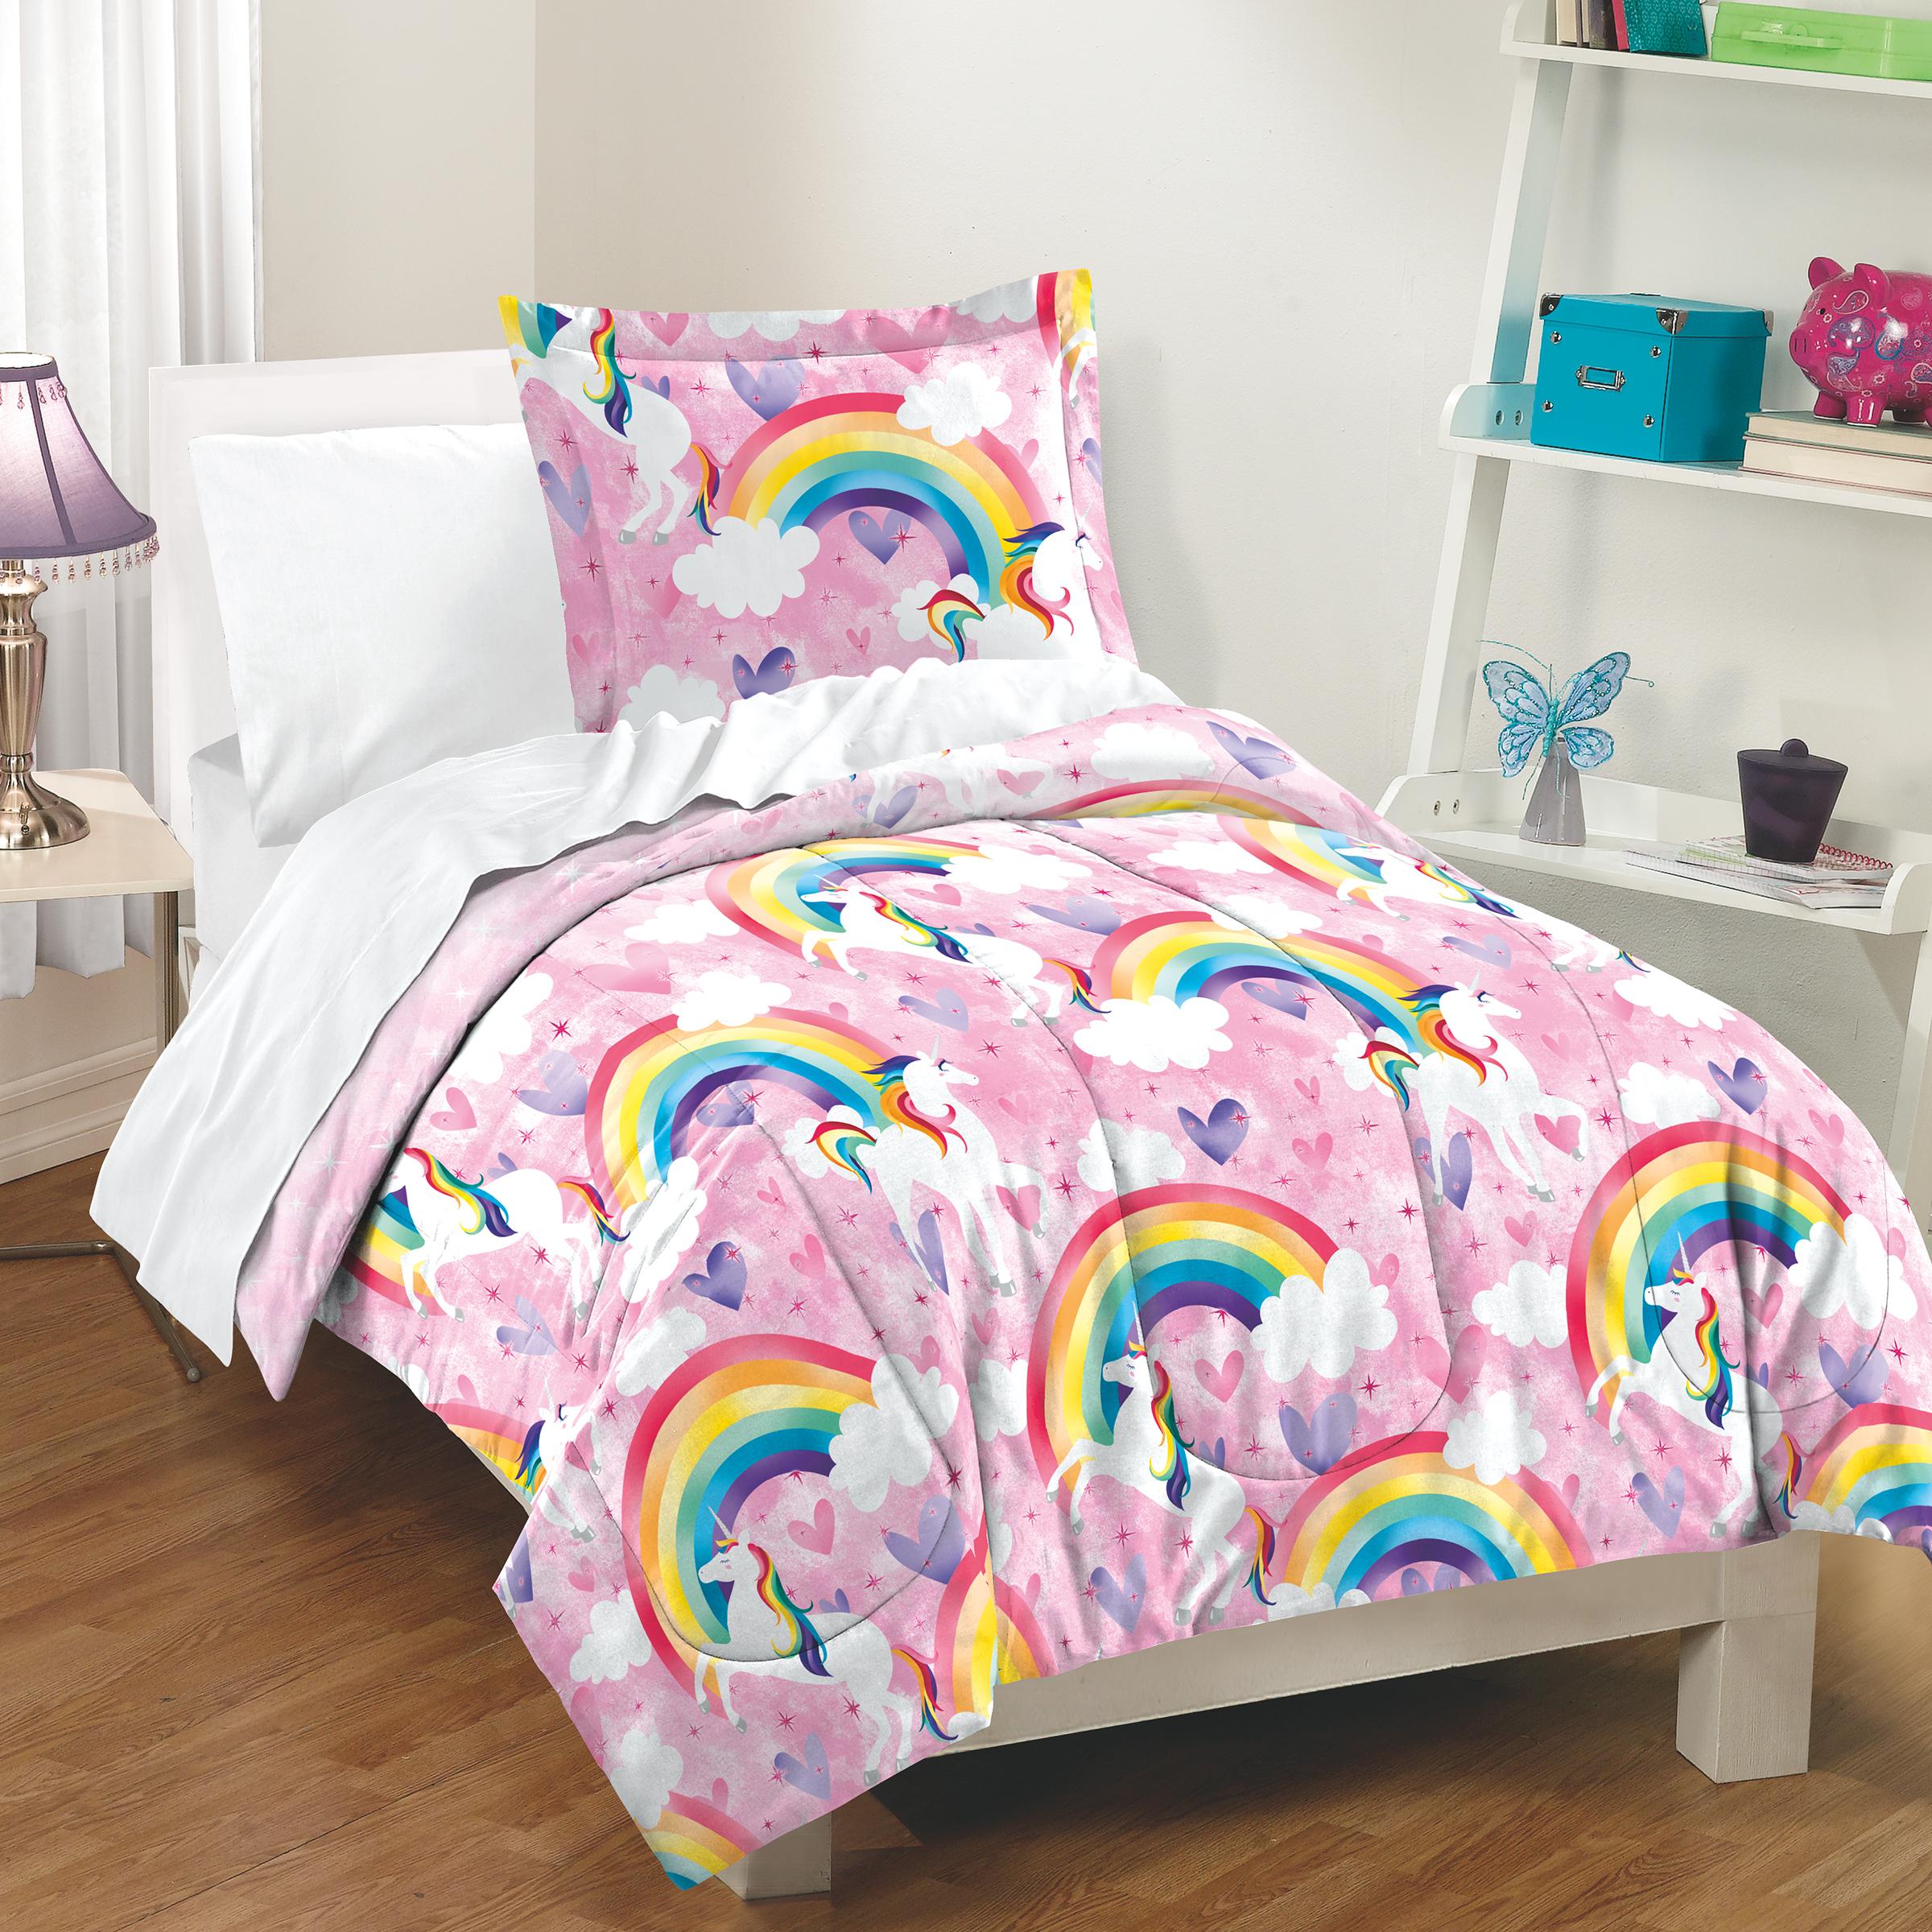 Unicorn Cloud Bedding Twin